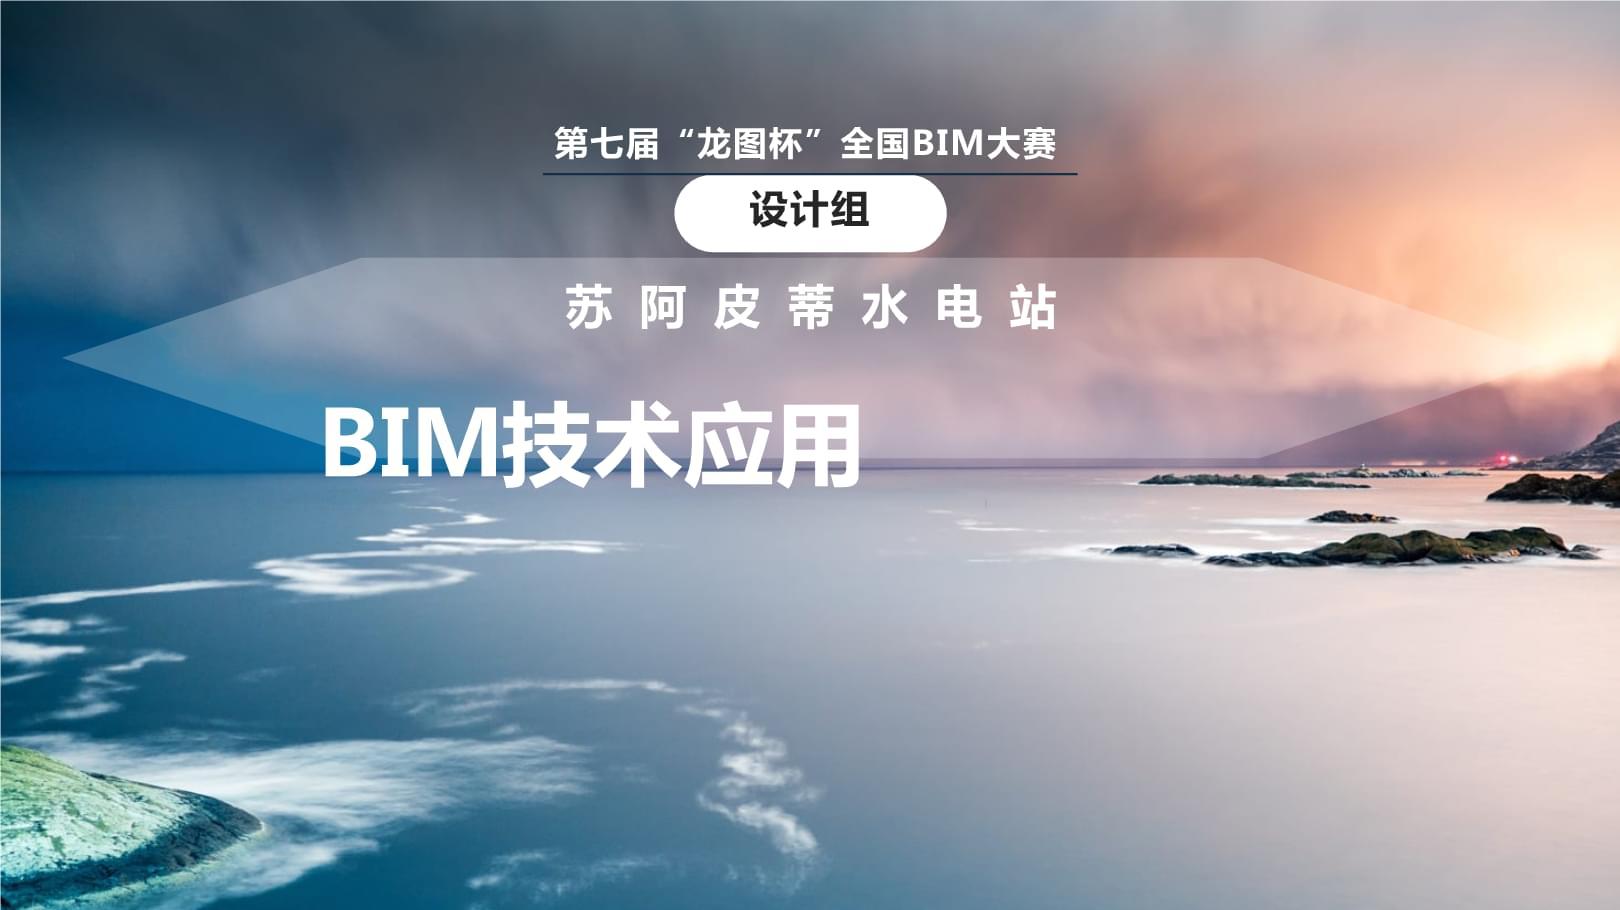 龙图杯-苏阿皮蒂水电站BIM技术应用.pptx